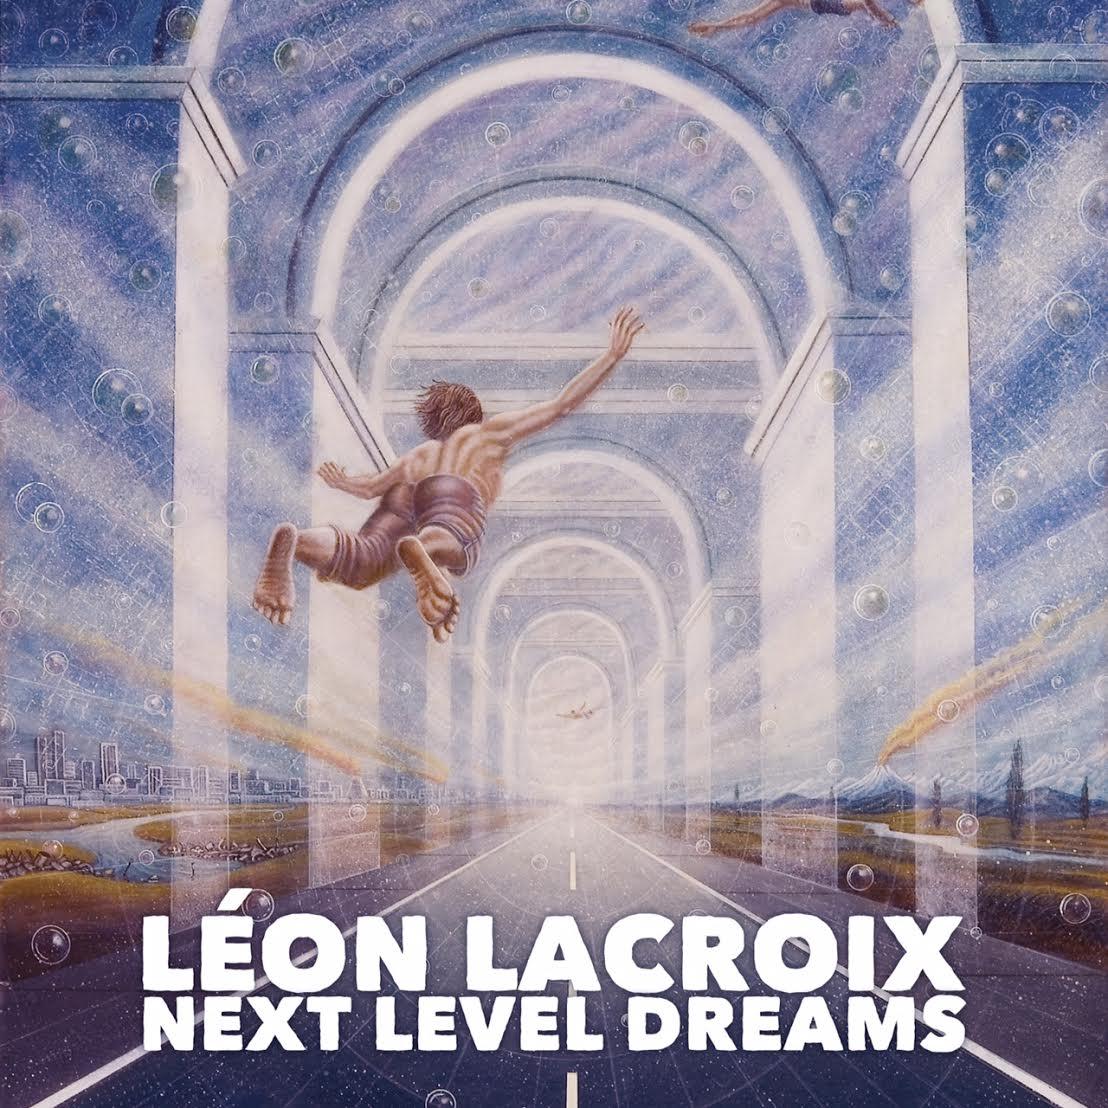 Leon-Lacroix